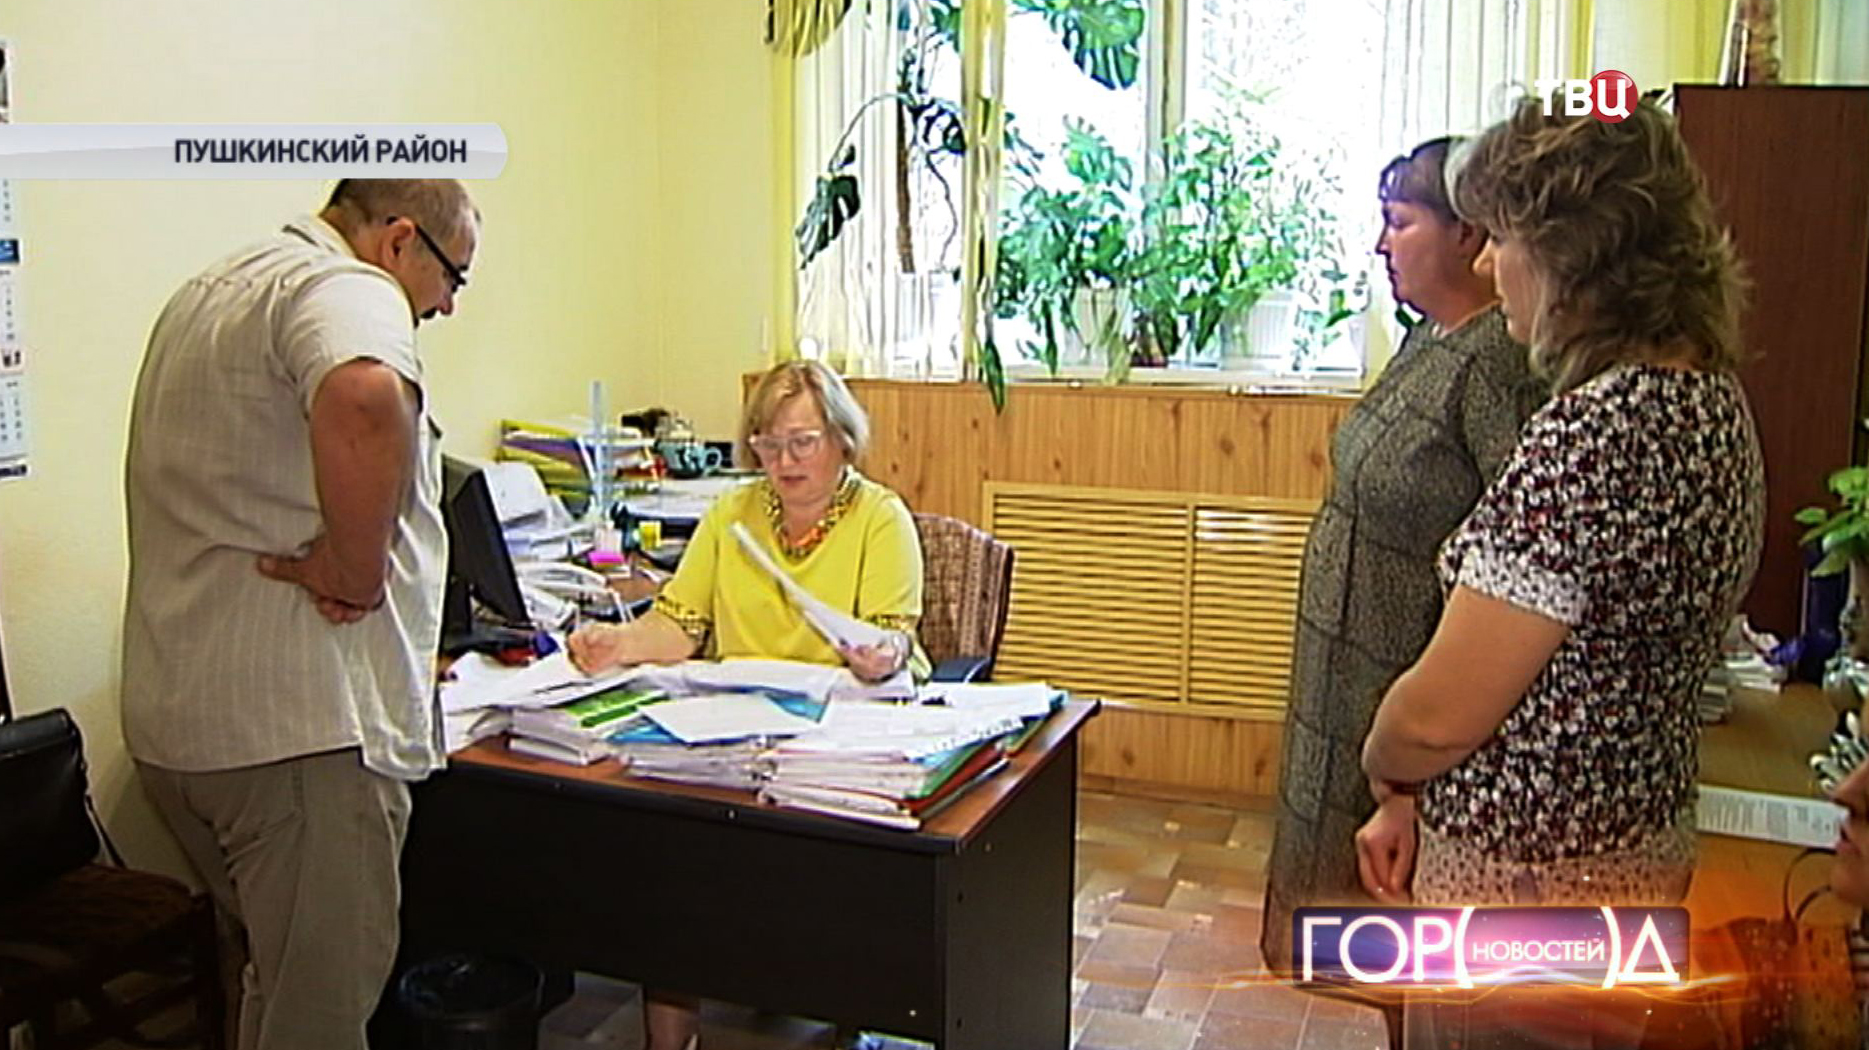 Родители предъявляют жалобу администрации Пушкинского муниципального района